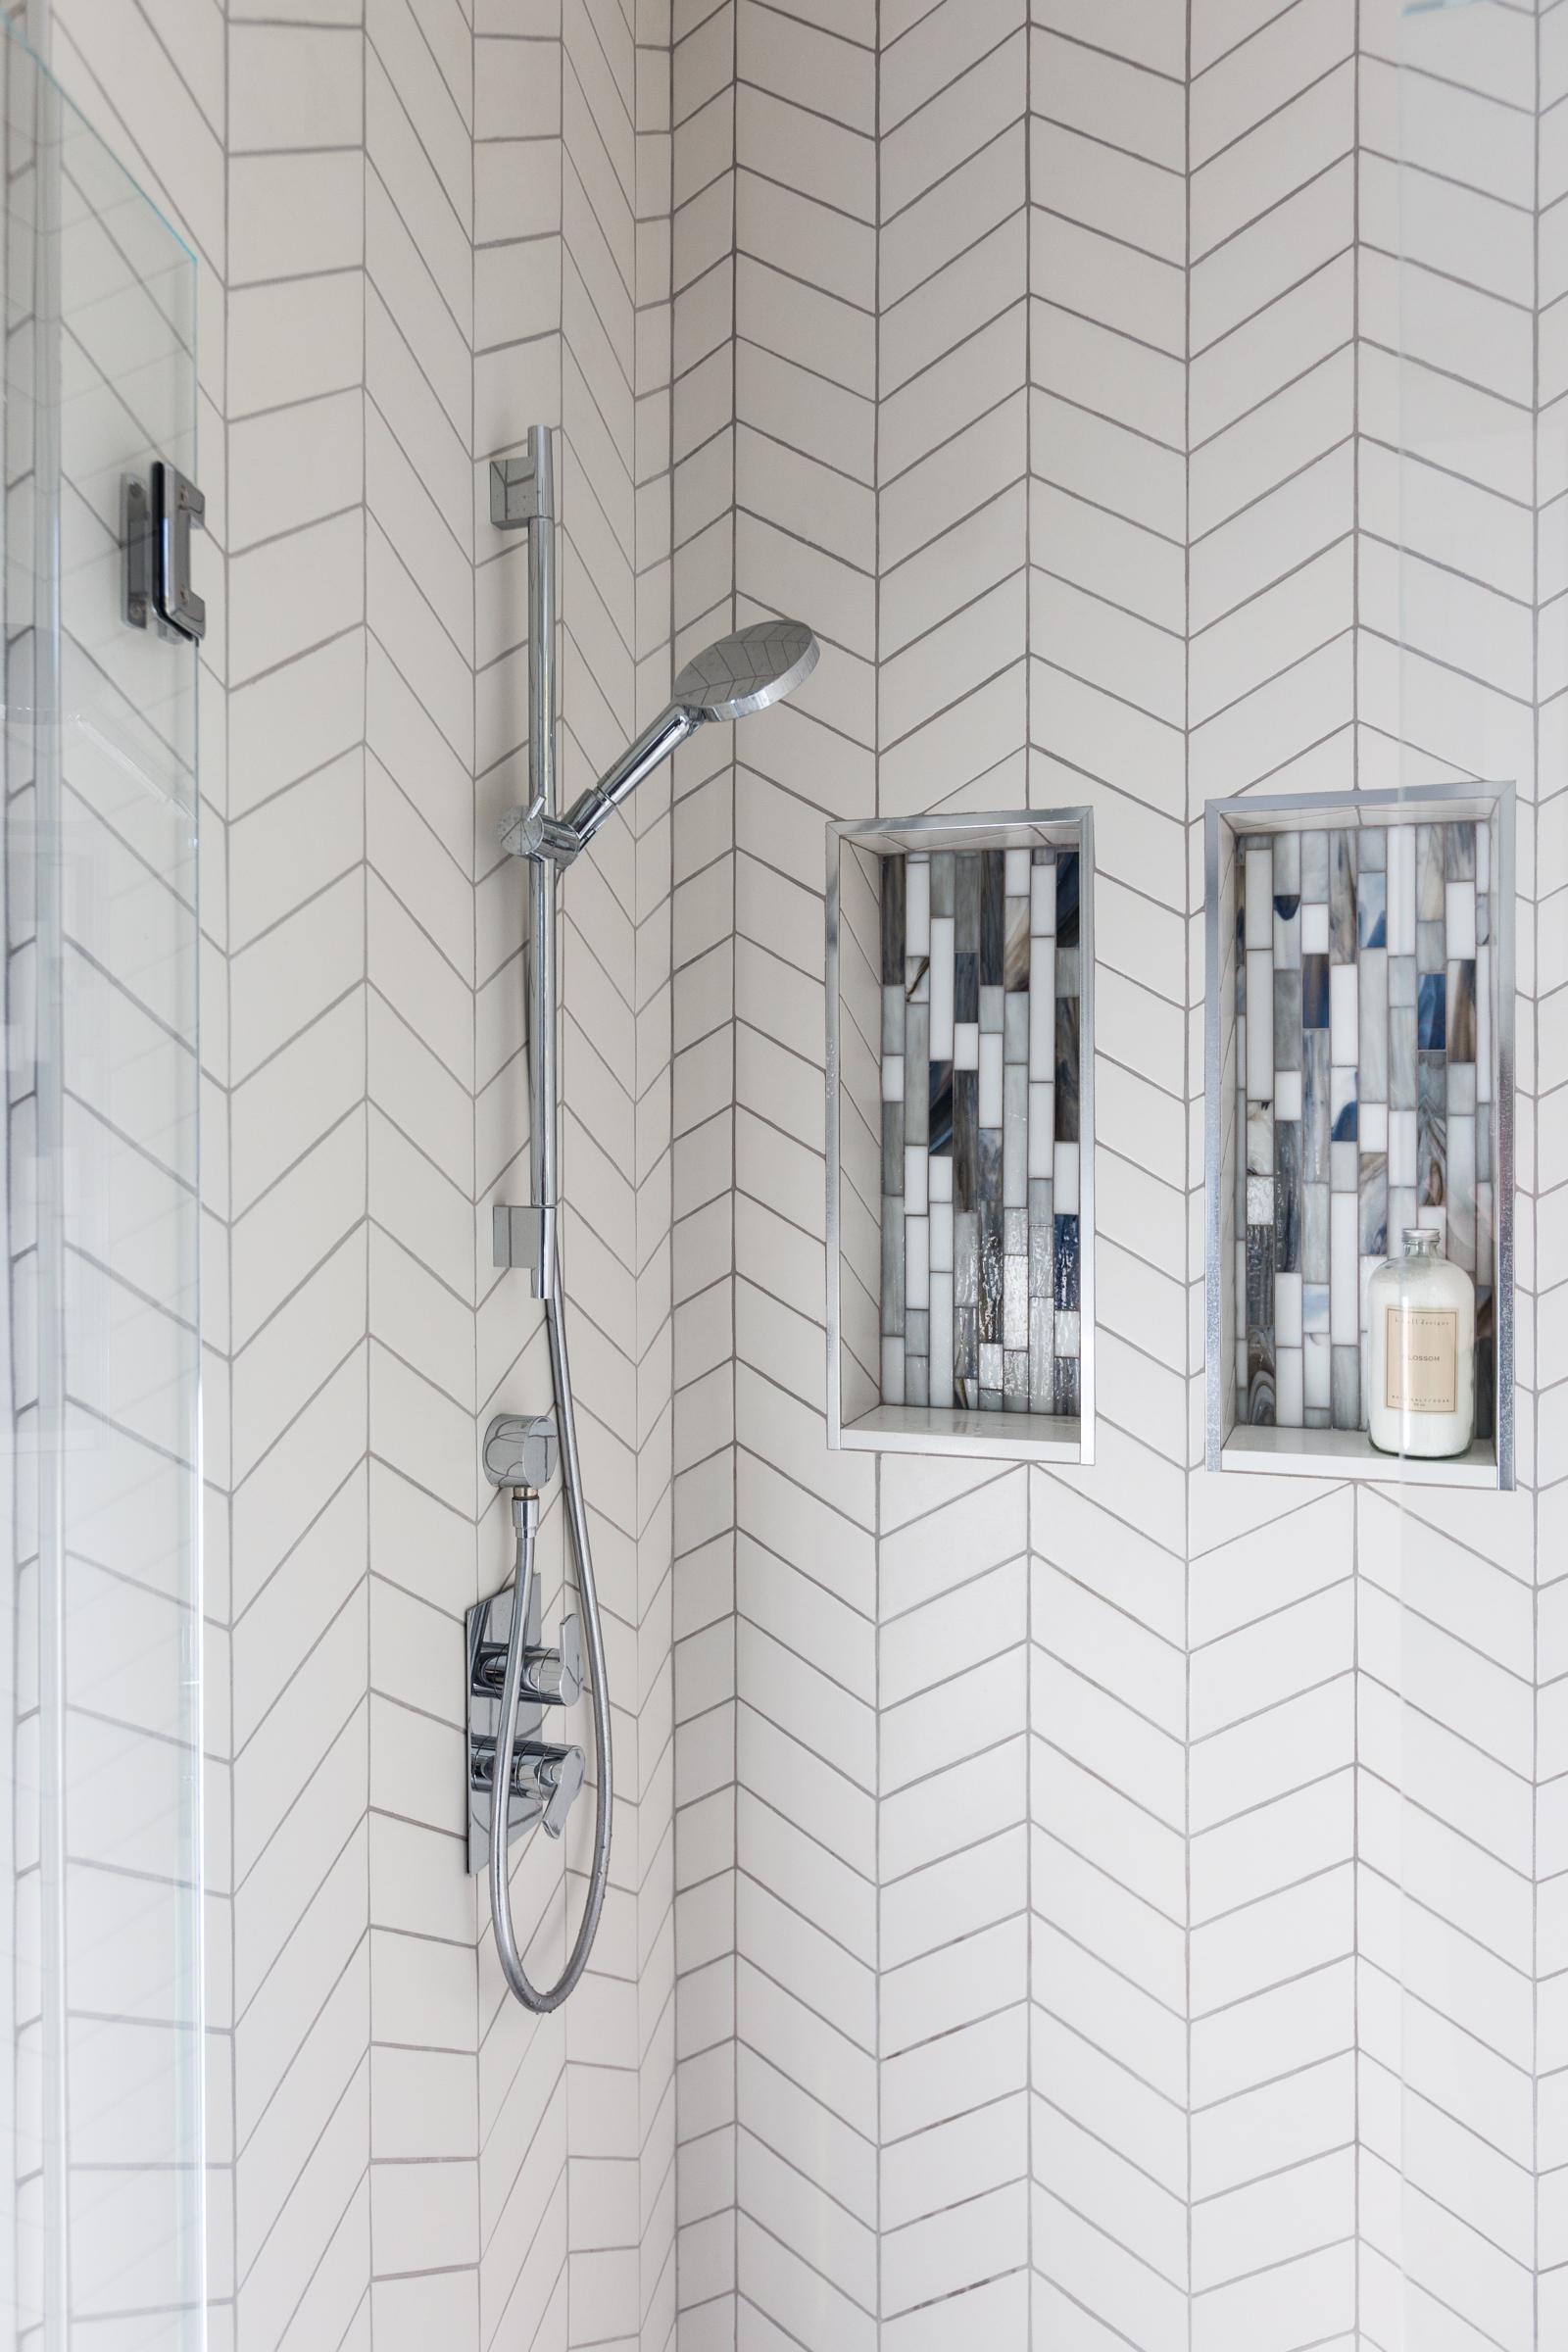 sohnbathroom-3.jpg